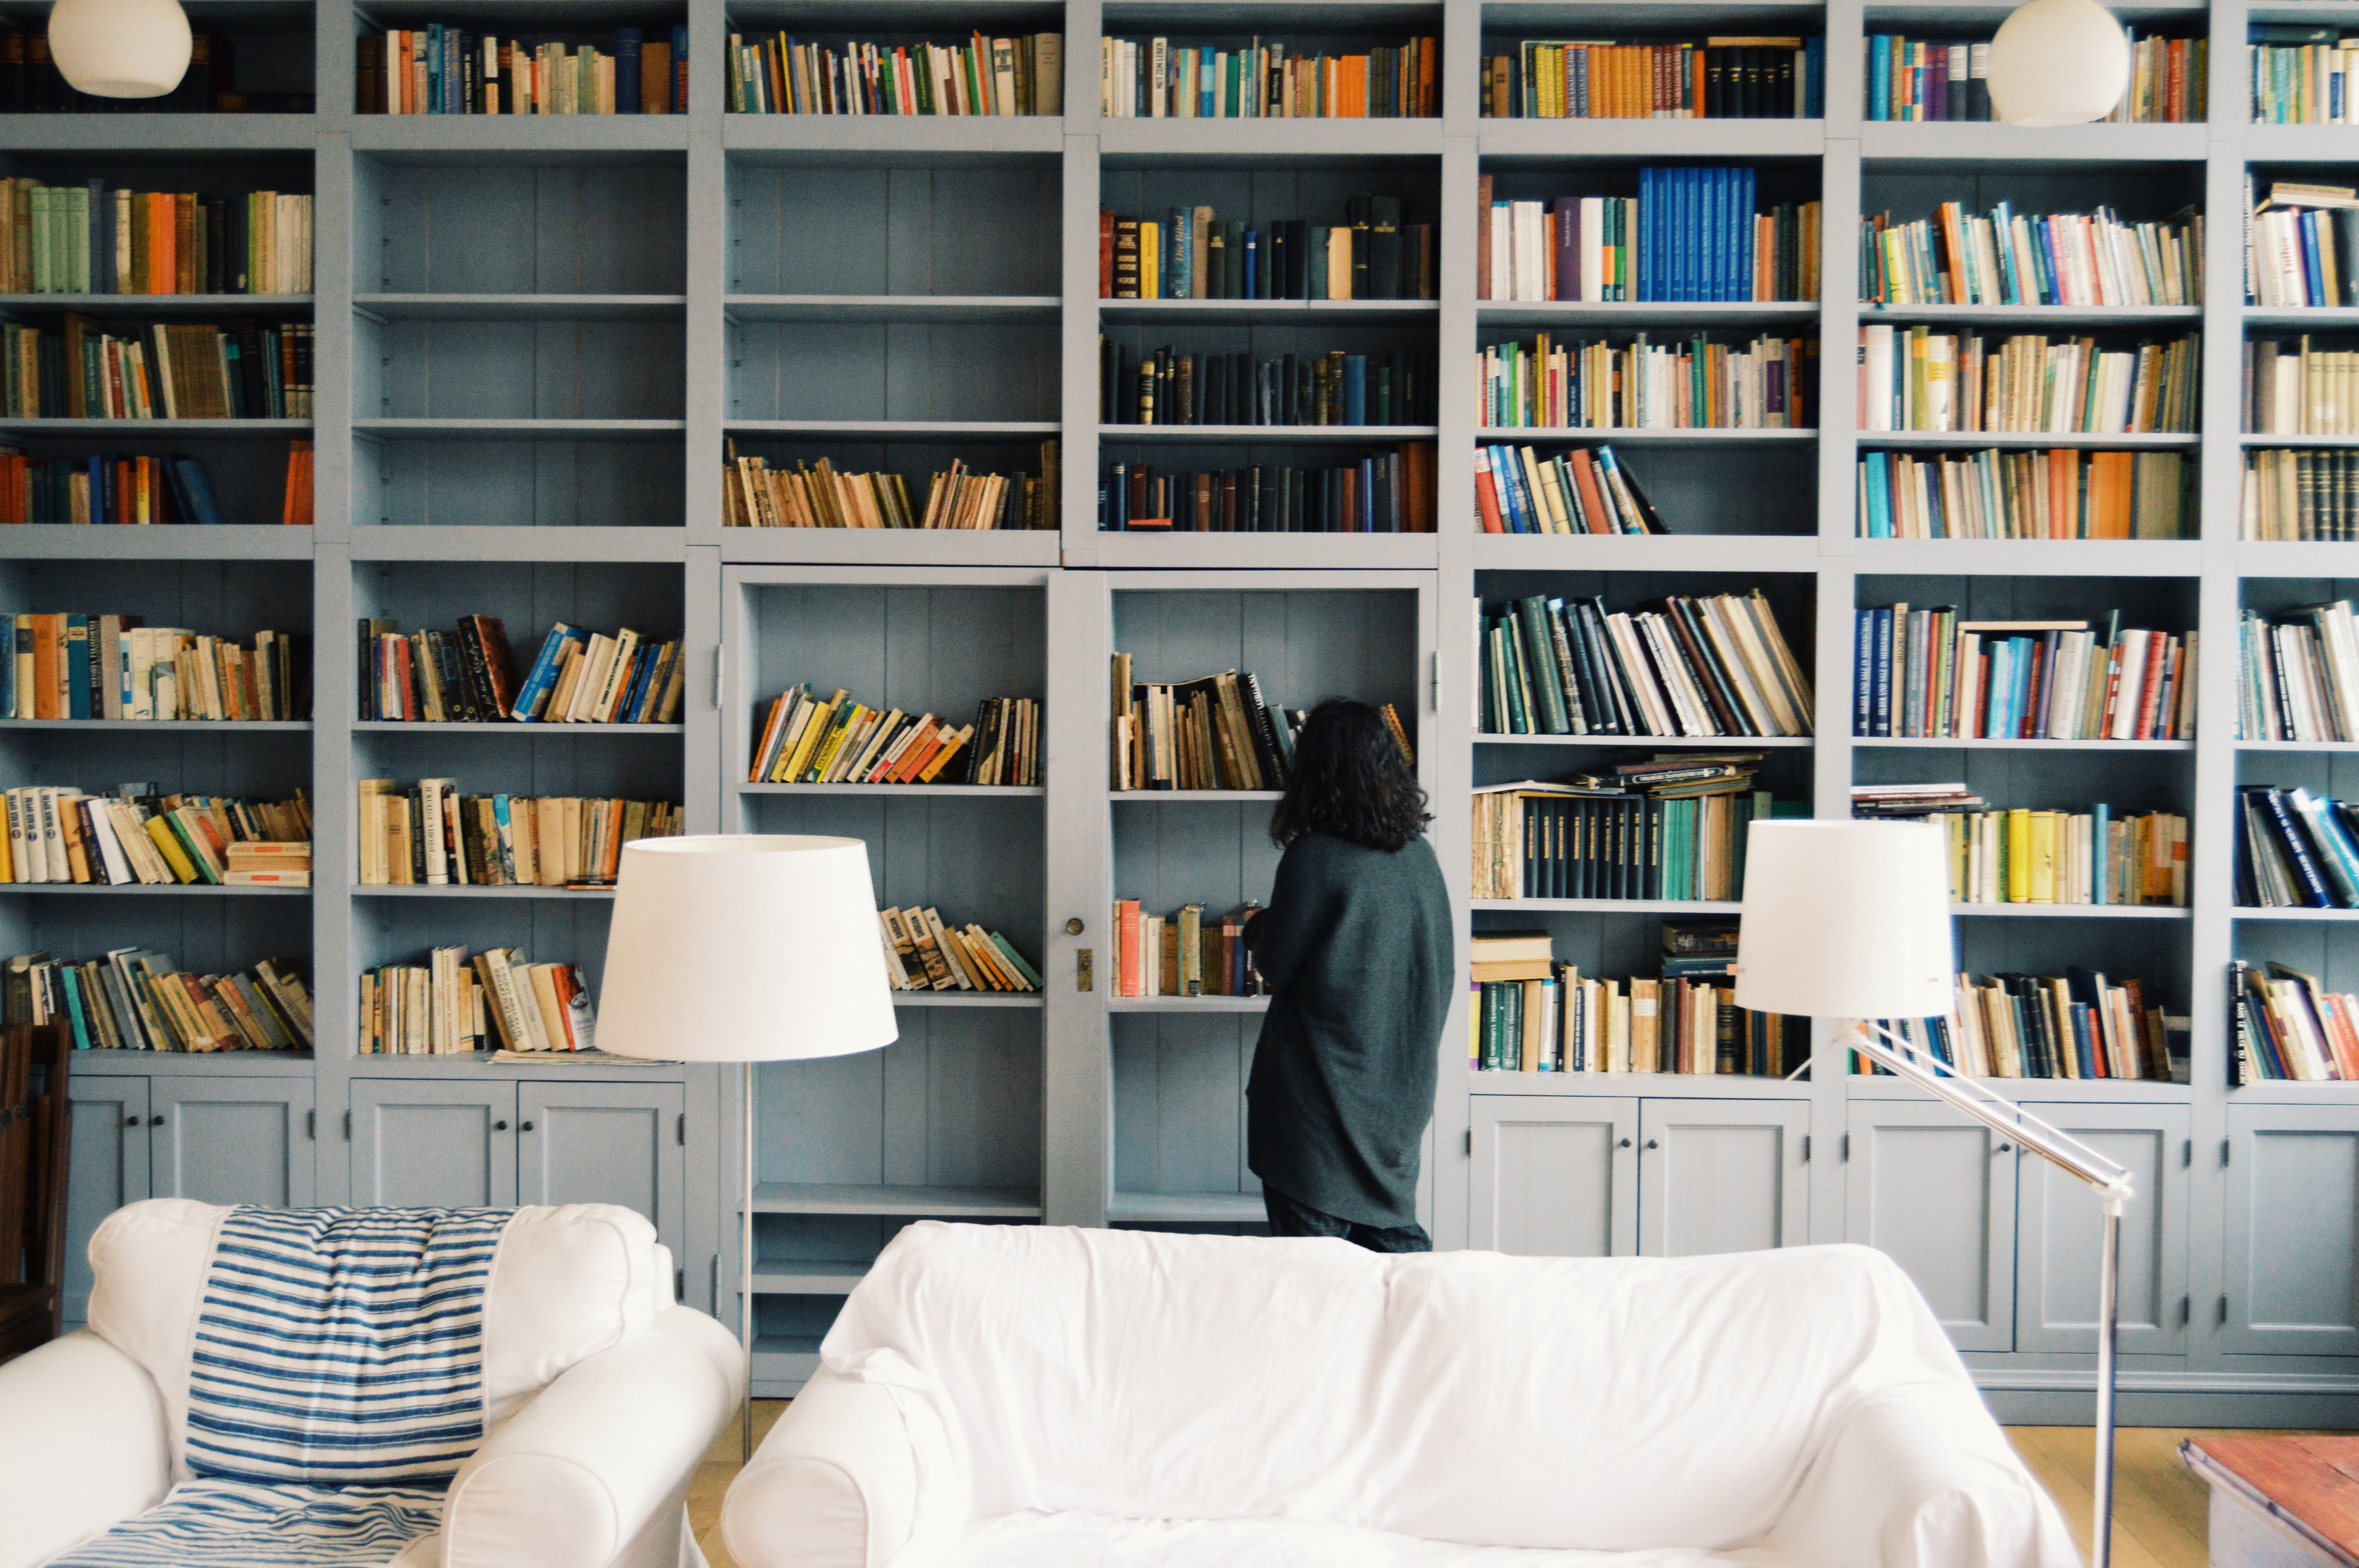 bibliothèque généalogique, généalogie, généalogiste professionnel, livres, librairie